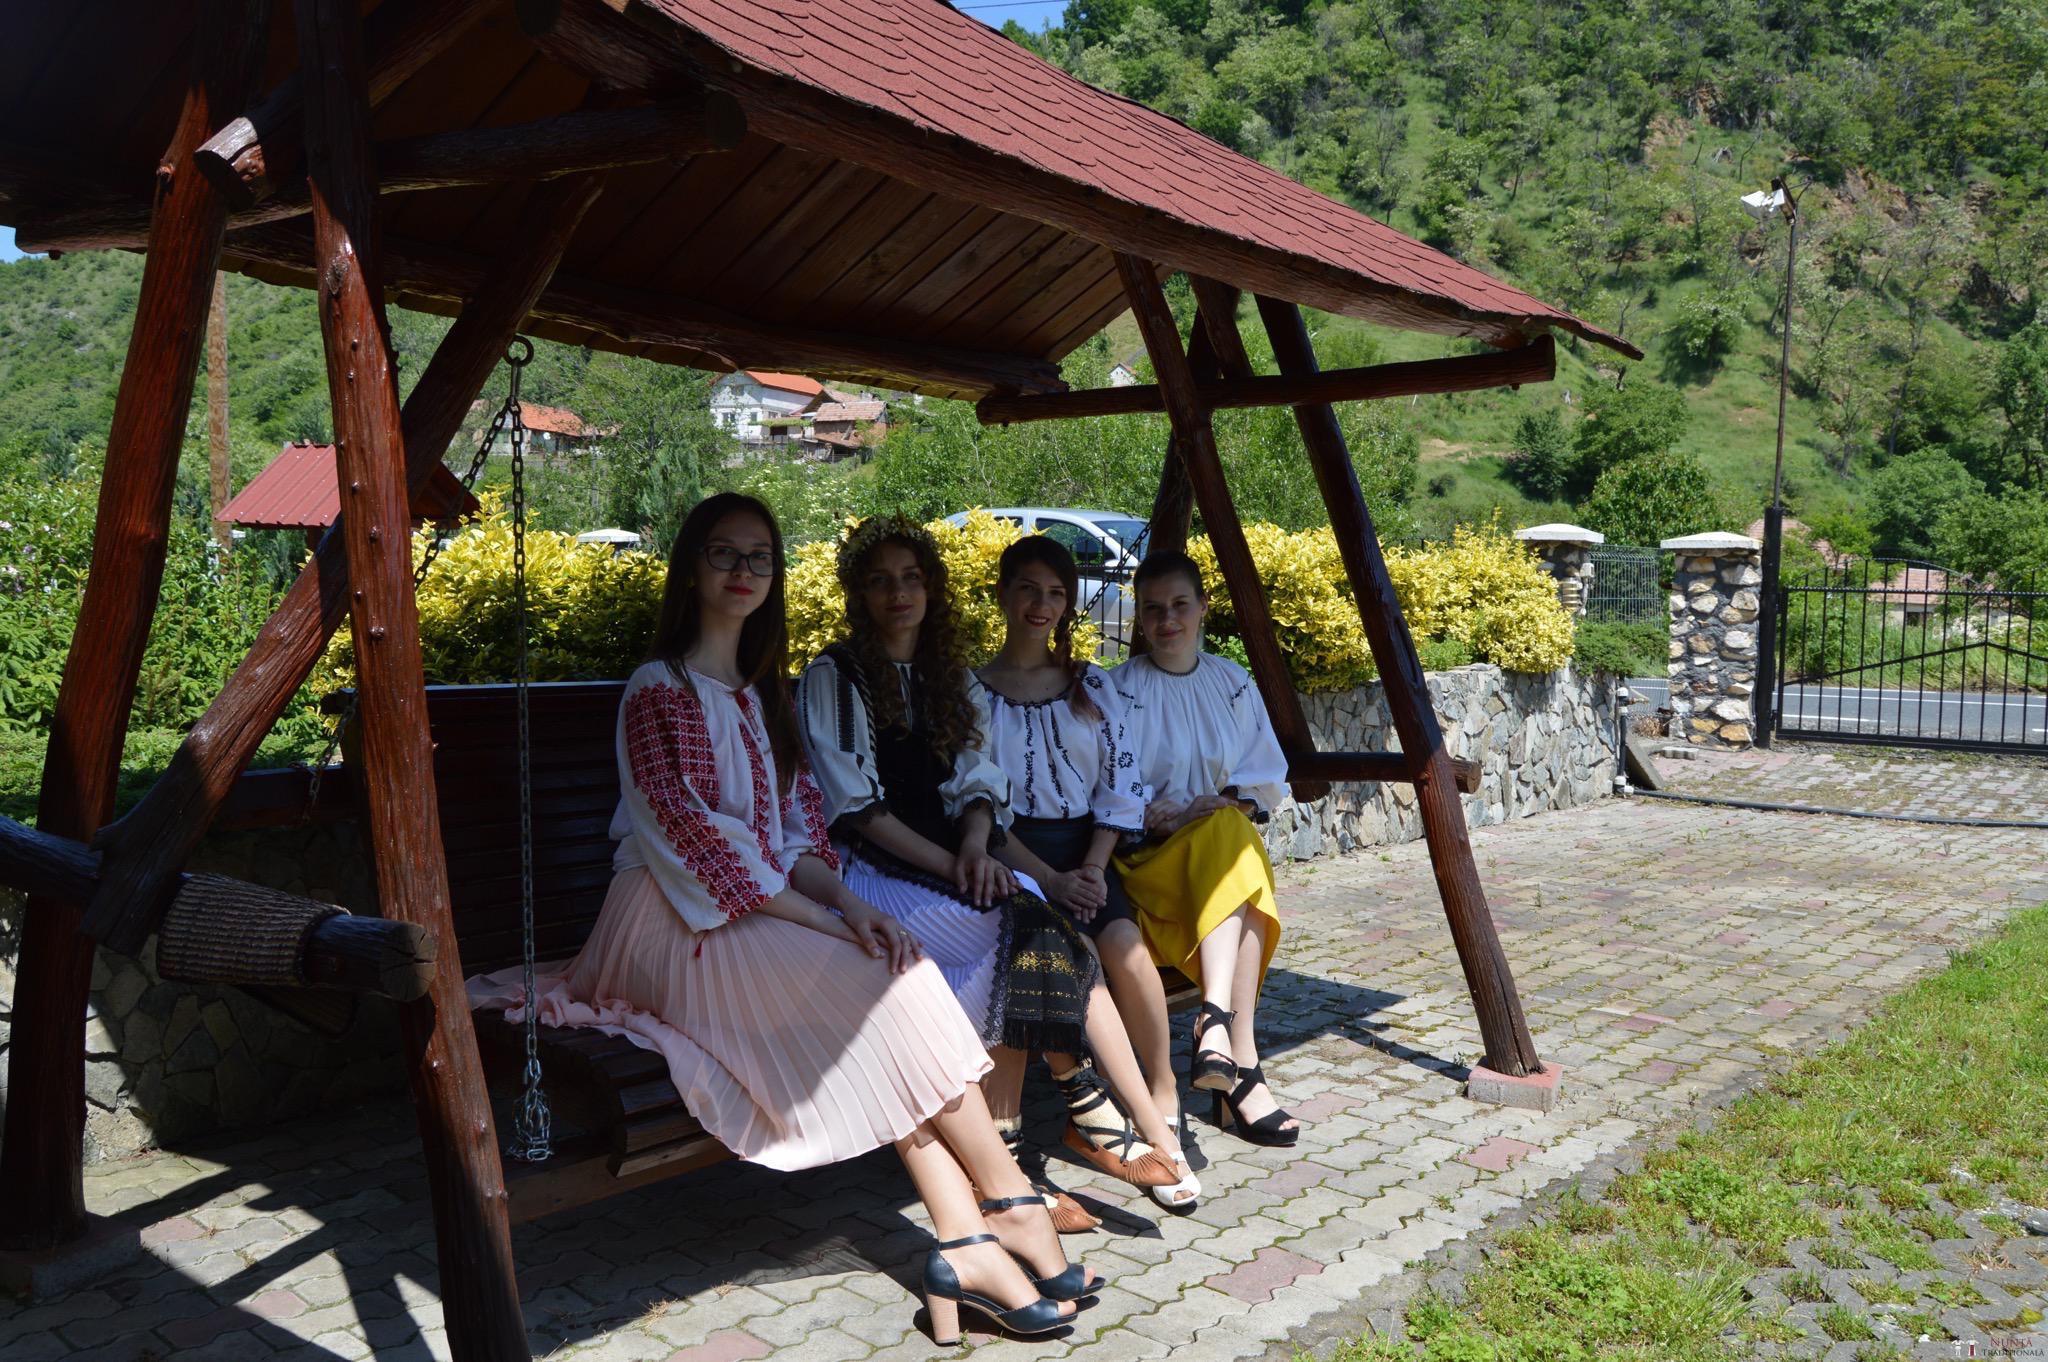 Povești Nunți Tradiționale - Constantin și Simona-Marilena. Nuntă tradițională în Căpâlna, Alba 16